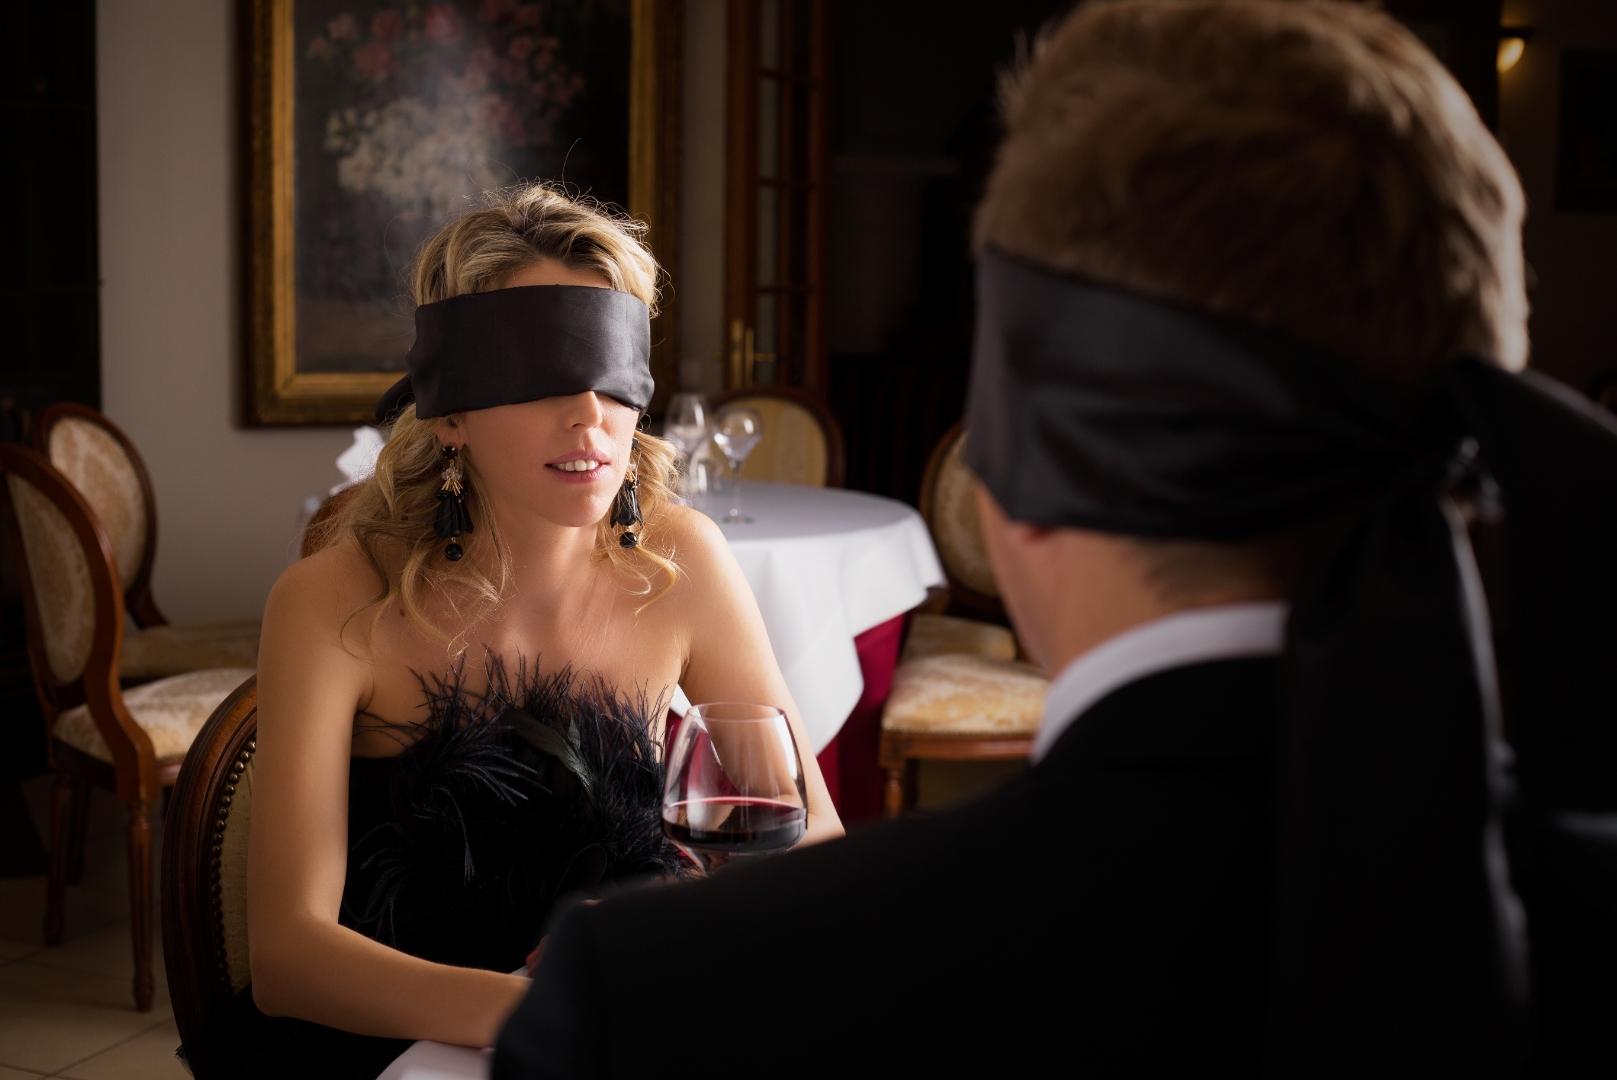 קטלני בטירוף! התחיל עם בחורה עיוורת ונתקל בסוד הצלחה מטורף עם נשים